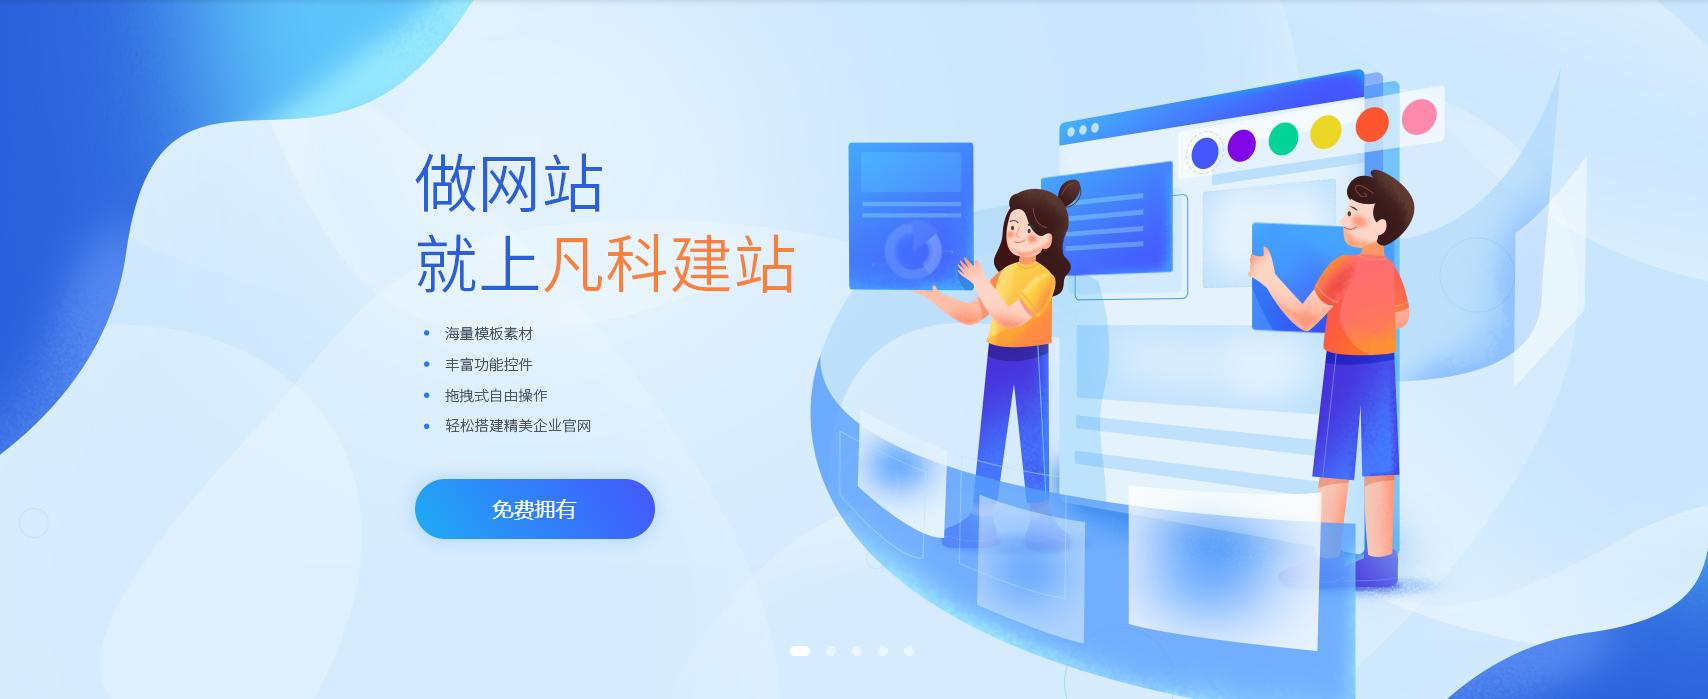 什么是cn域名?